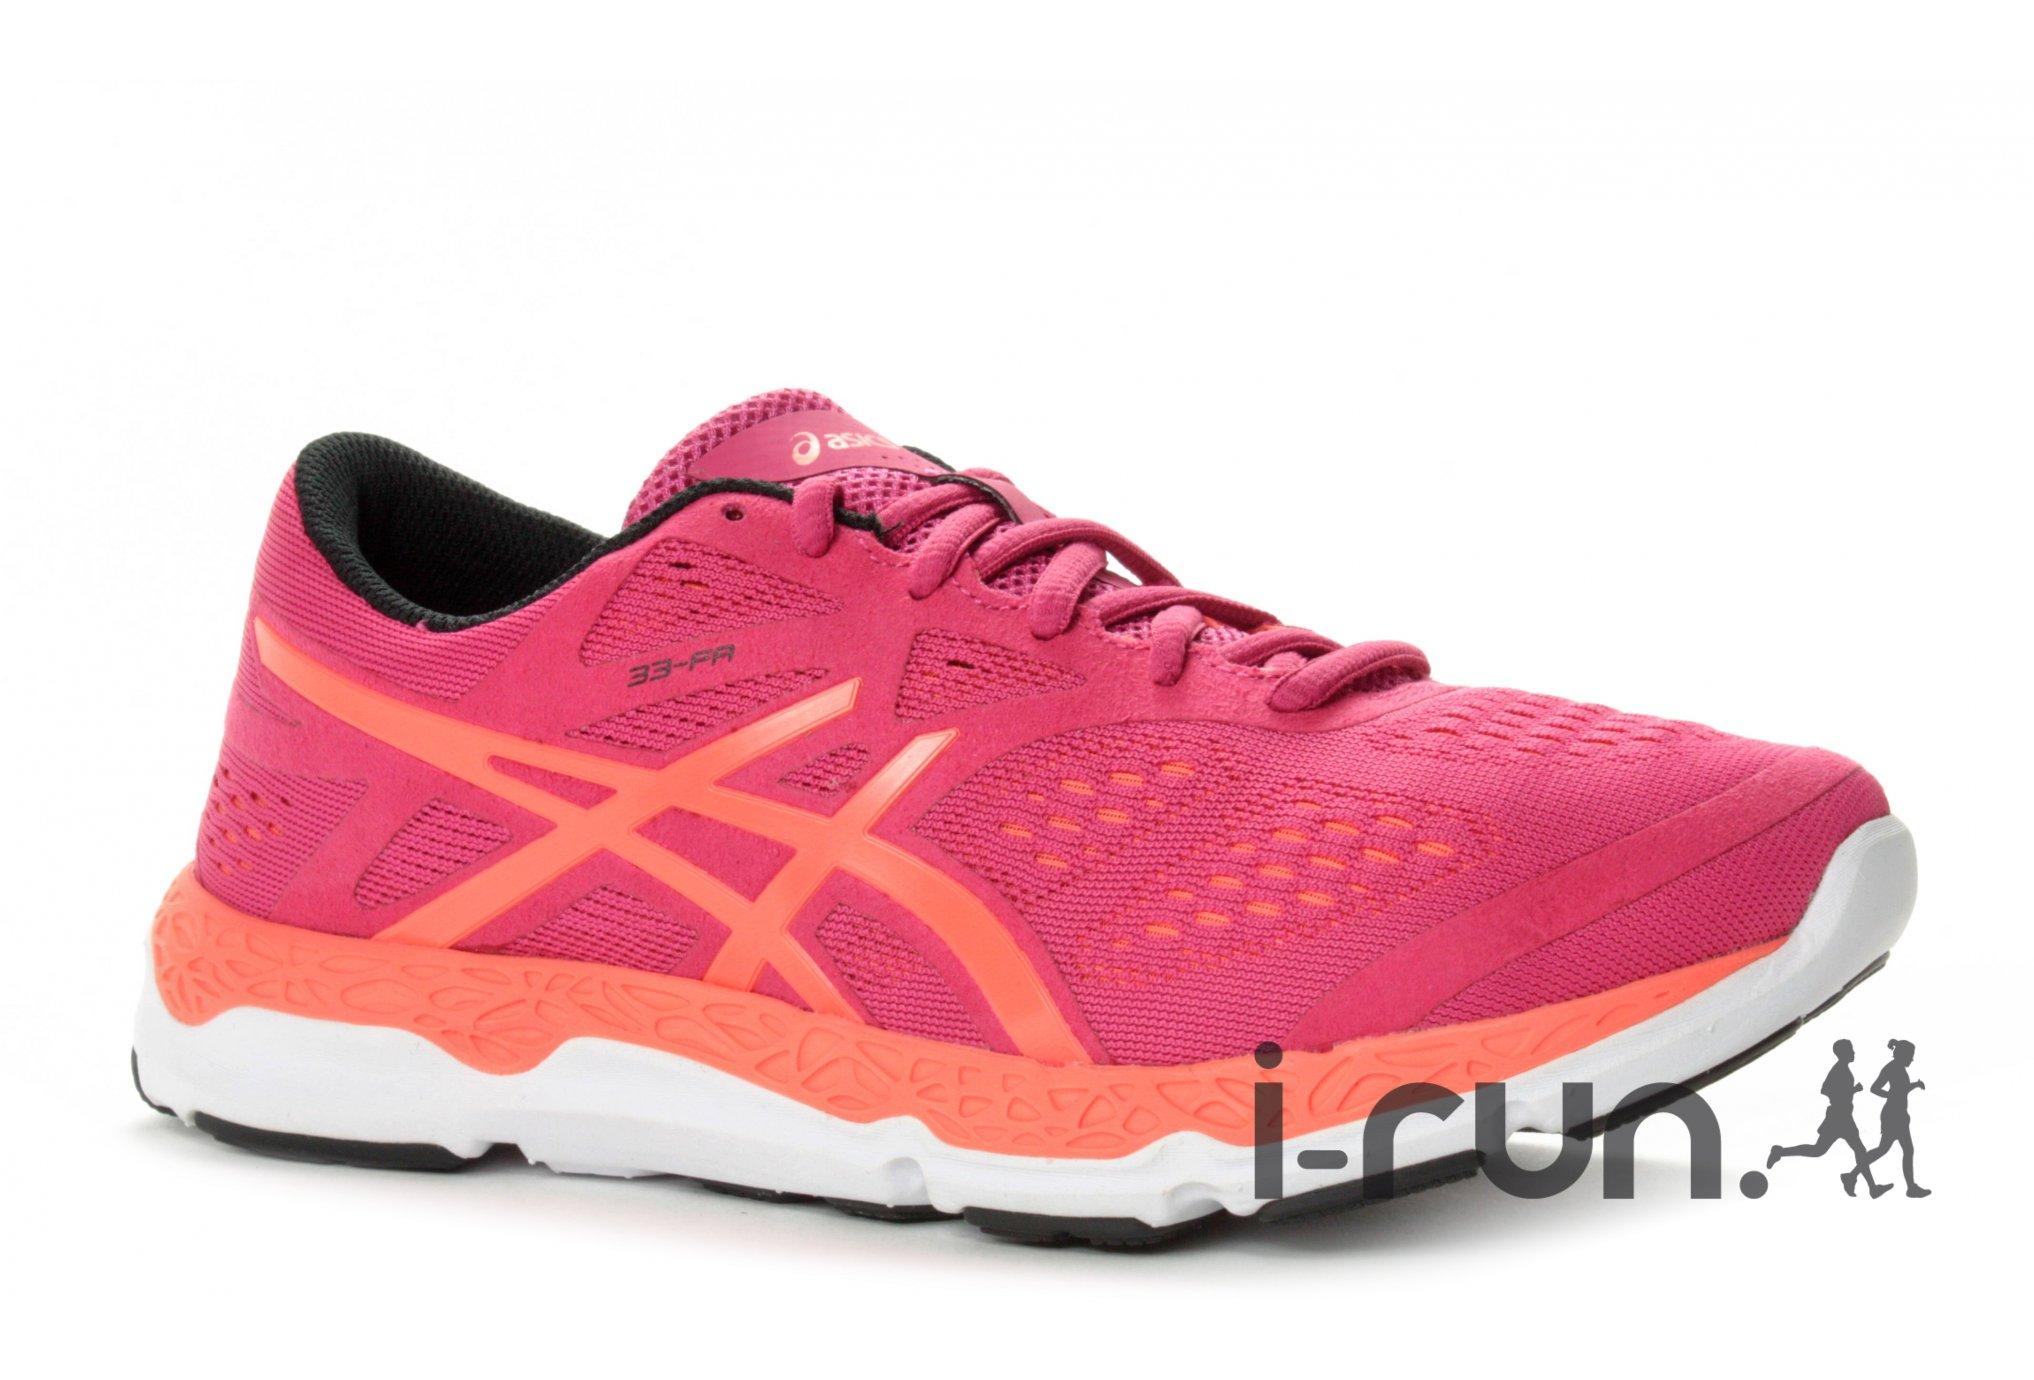 Asics 33-Fa w diététique chaussures femme